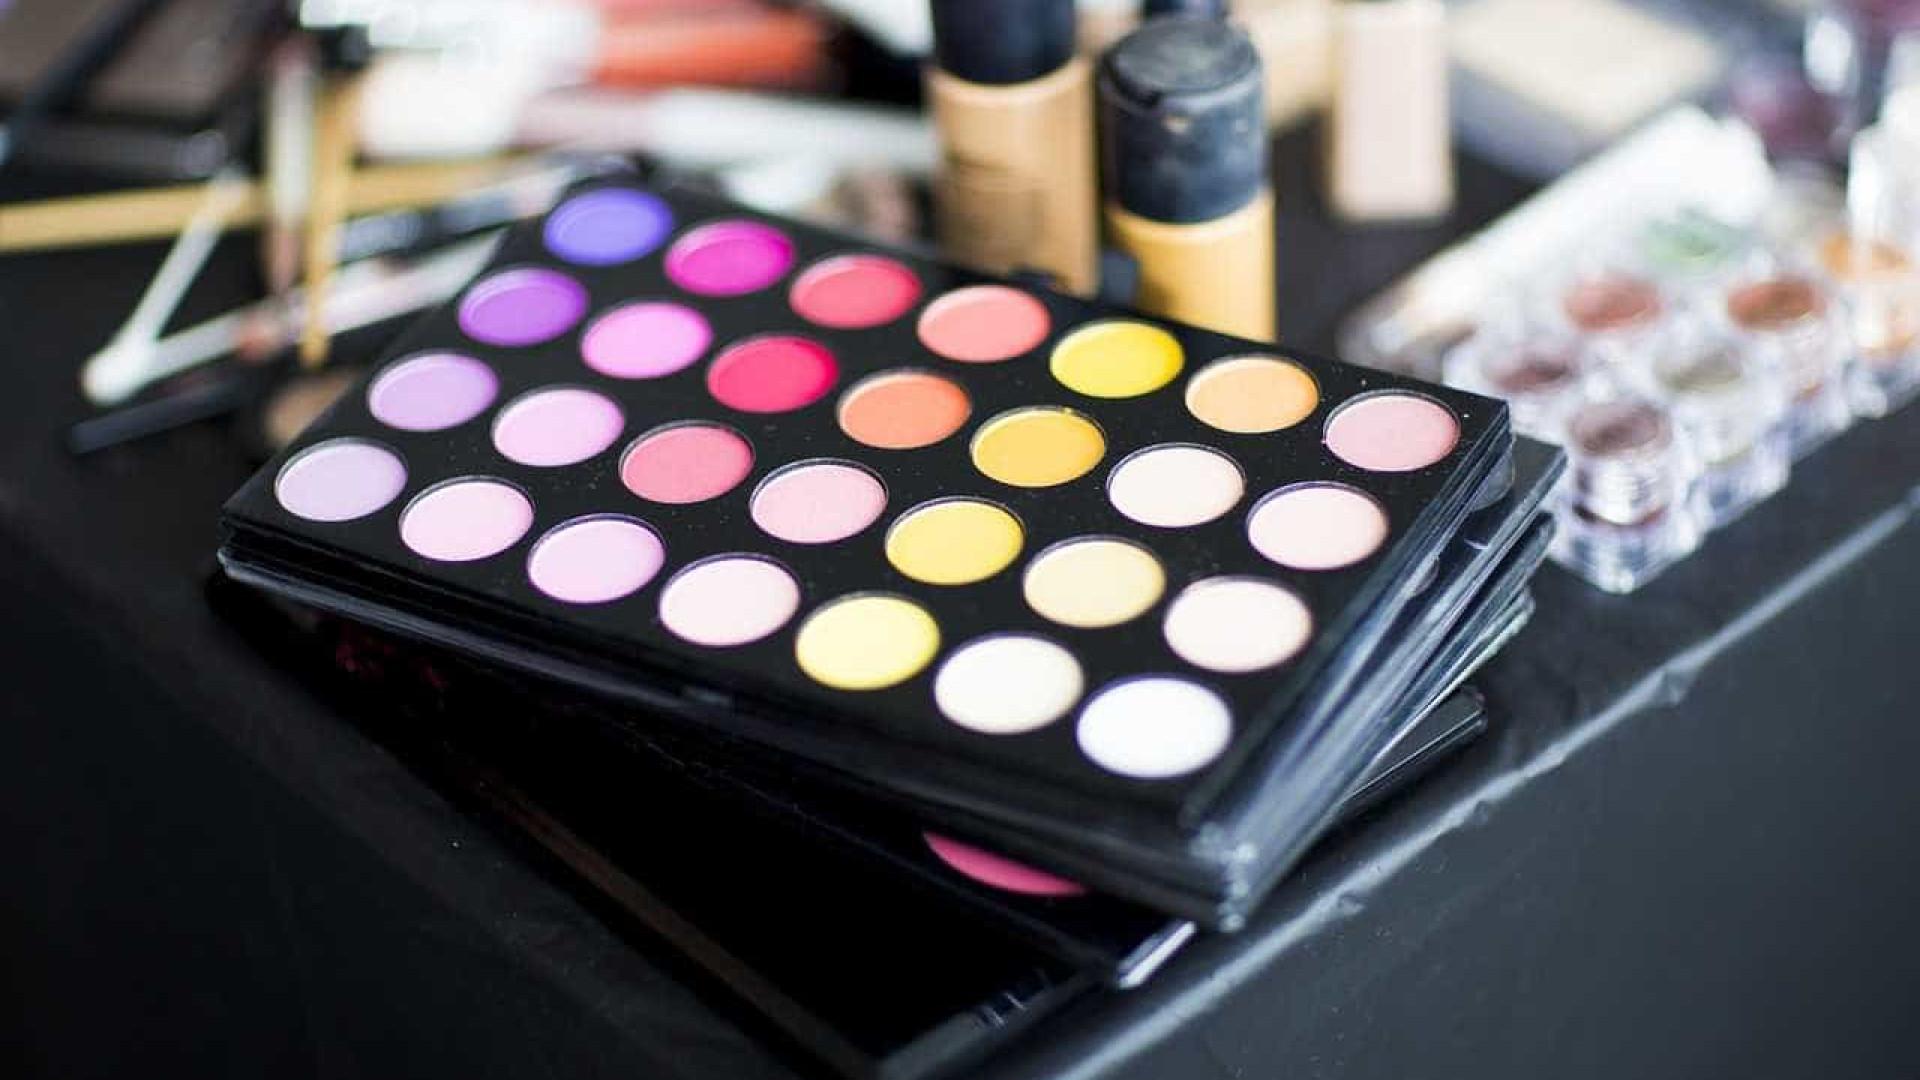 Sabia que metais pesados em cosméticos são prejudiciais à saúde?